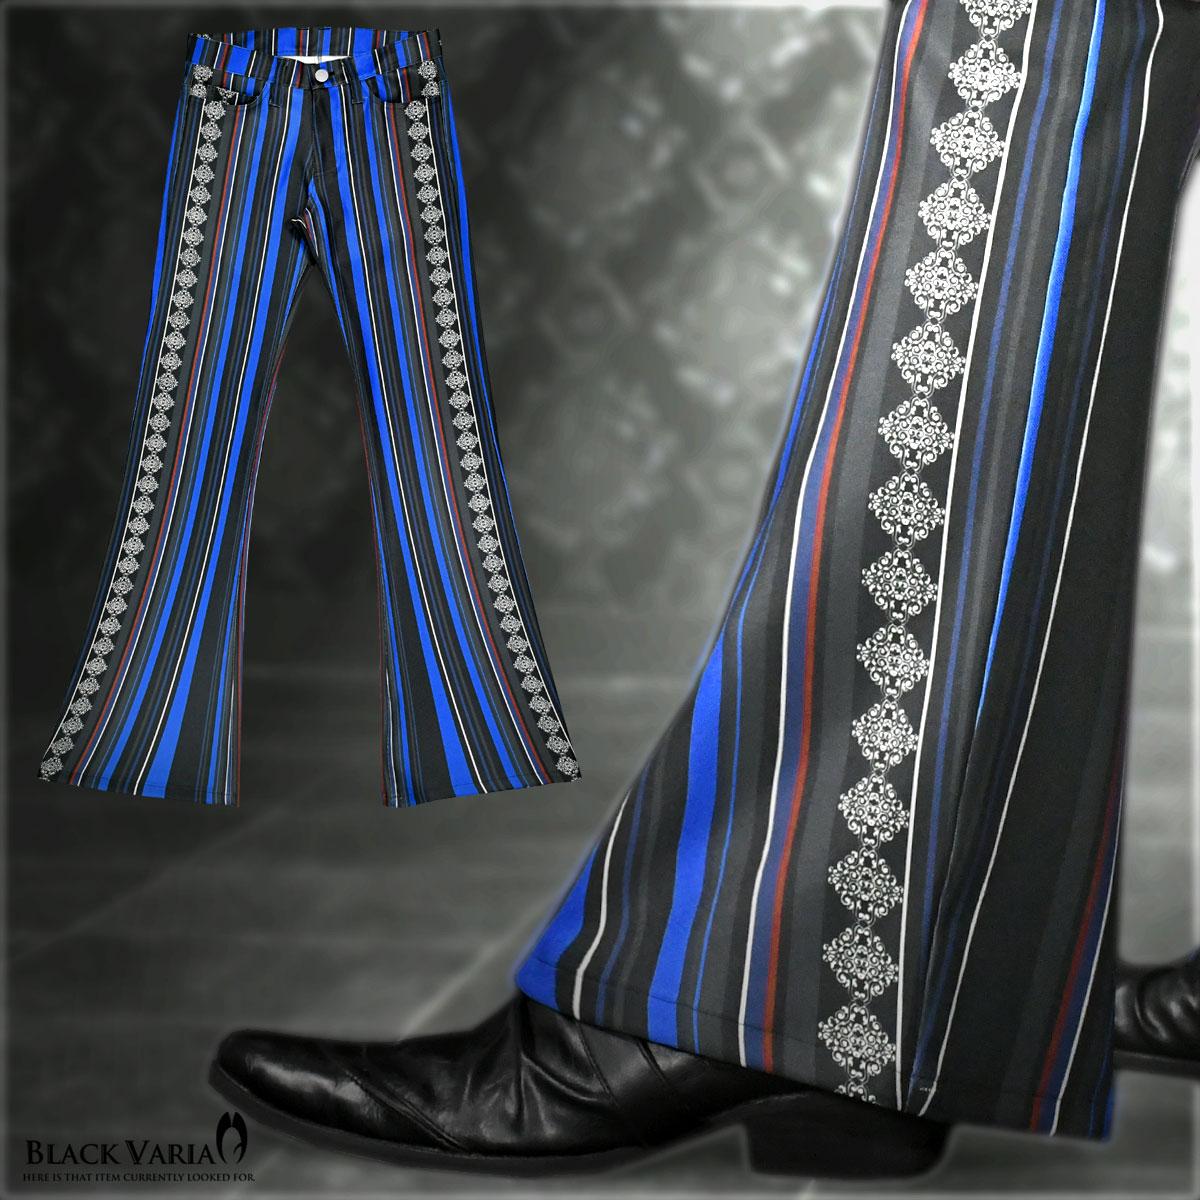 ベルボトム ストライプ ブーツカット メンズ フレア 日本製 アラベスク柄 ローライズ ボトムス パンツ(ブルー青)